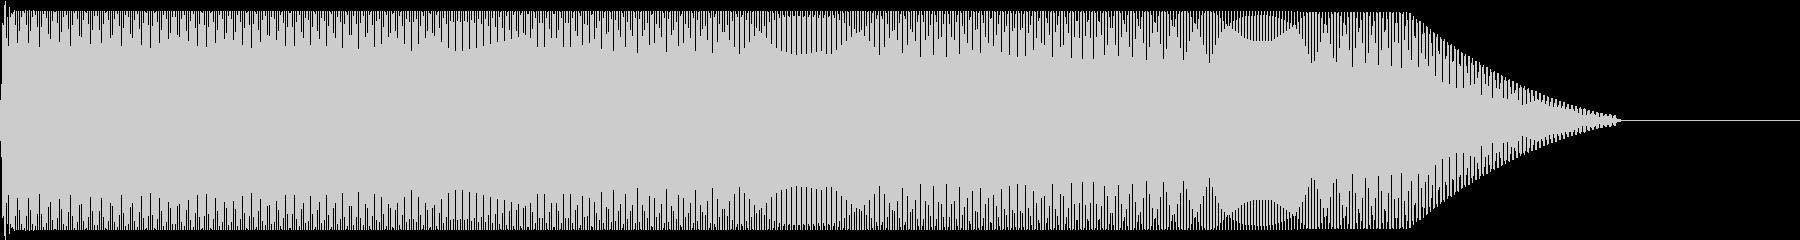 メタルコアベースドロップ E2→E1の未再生の波形